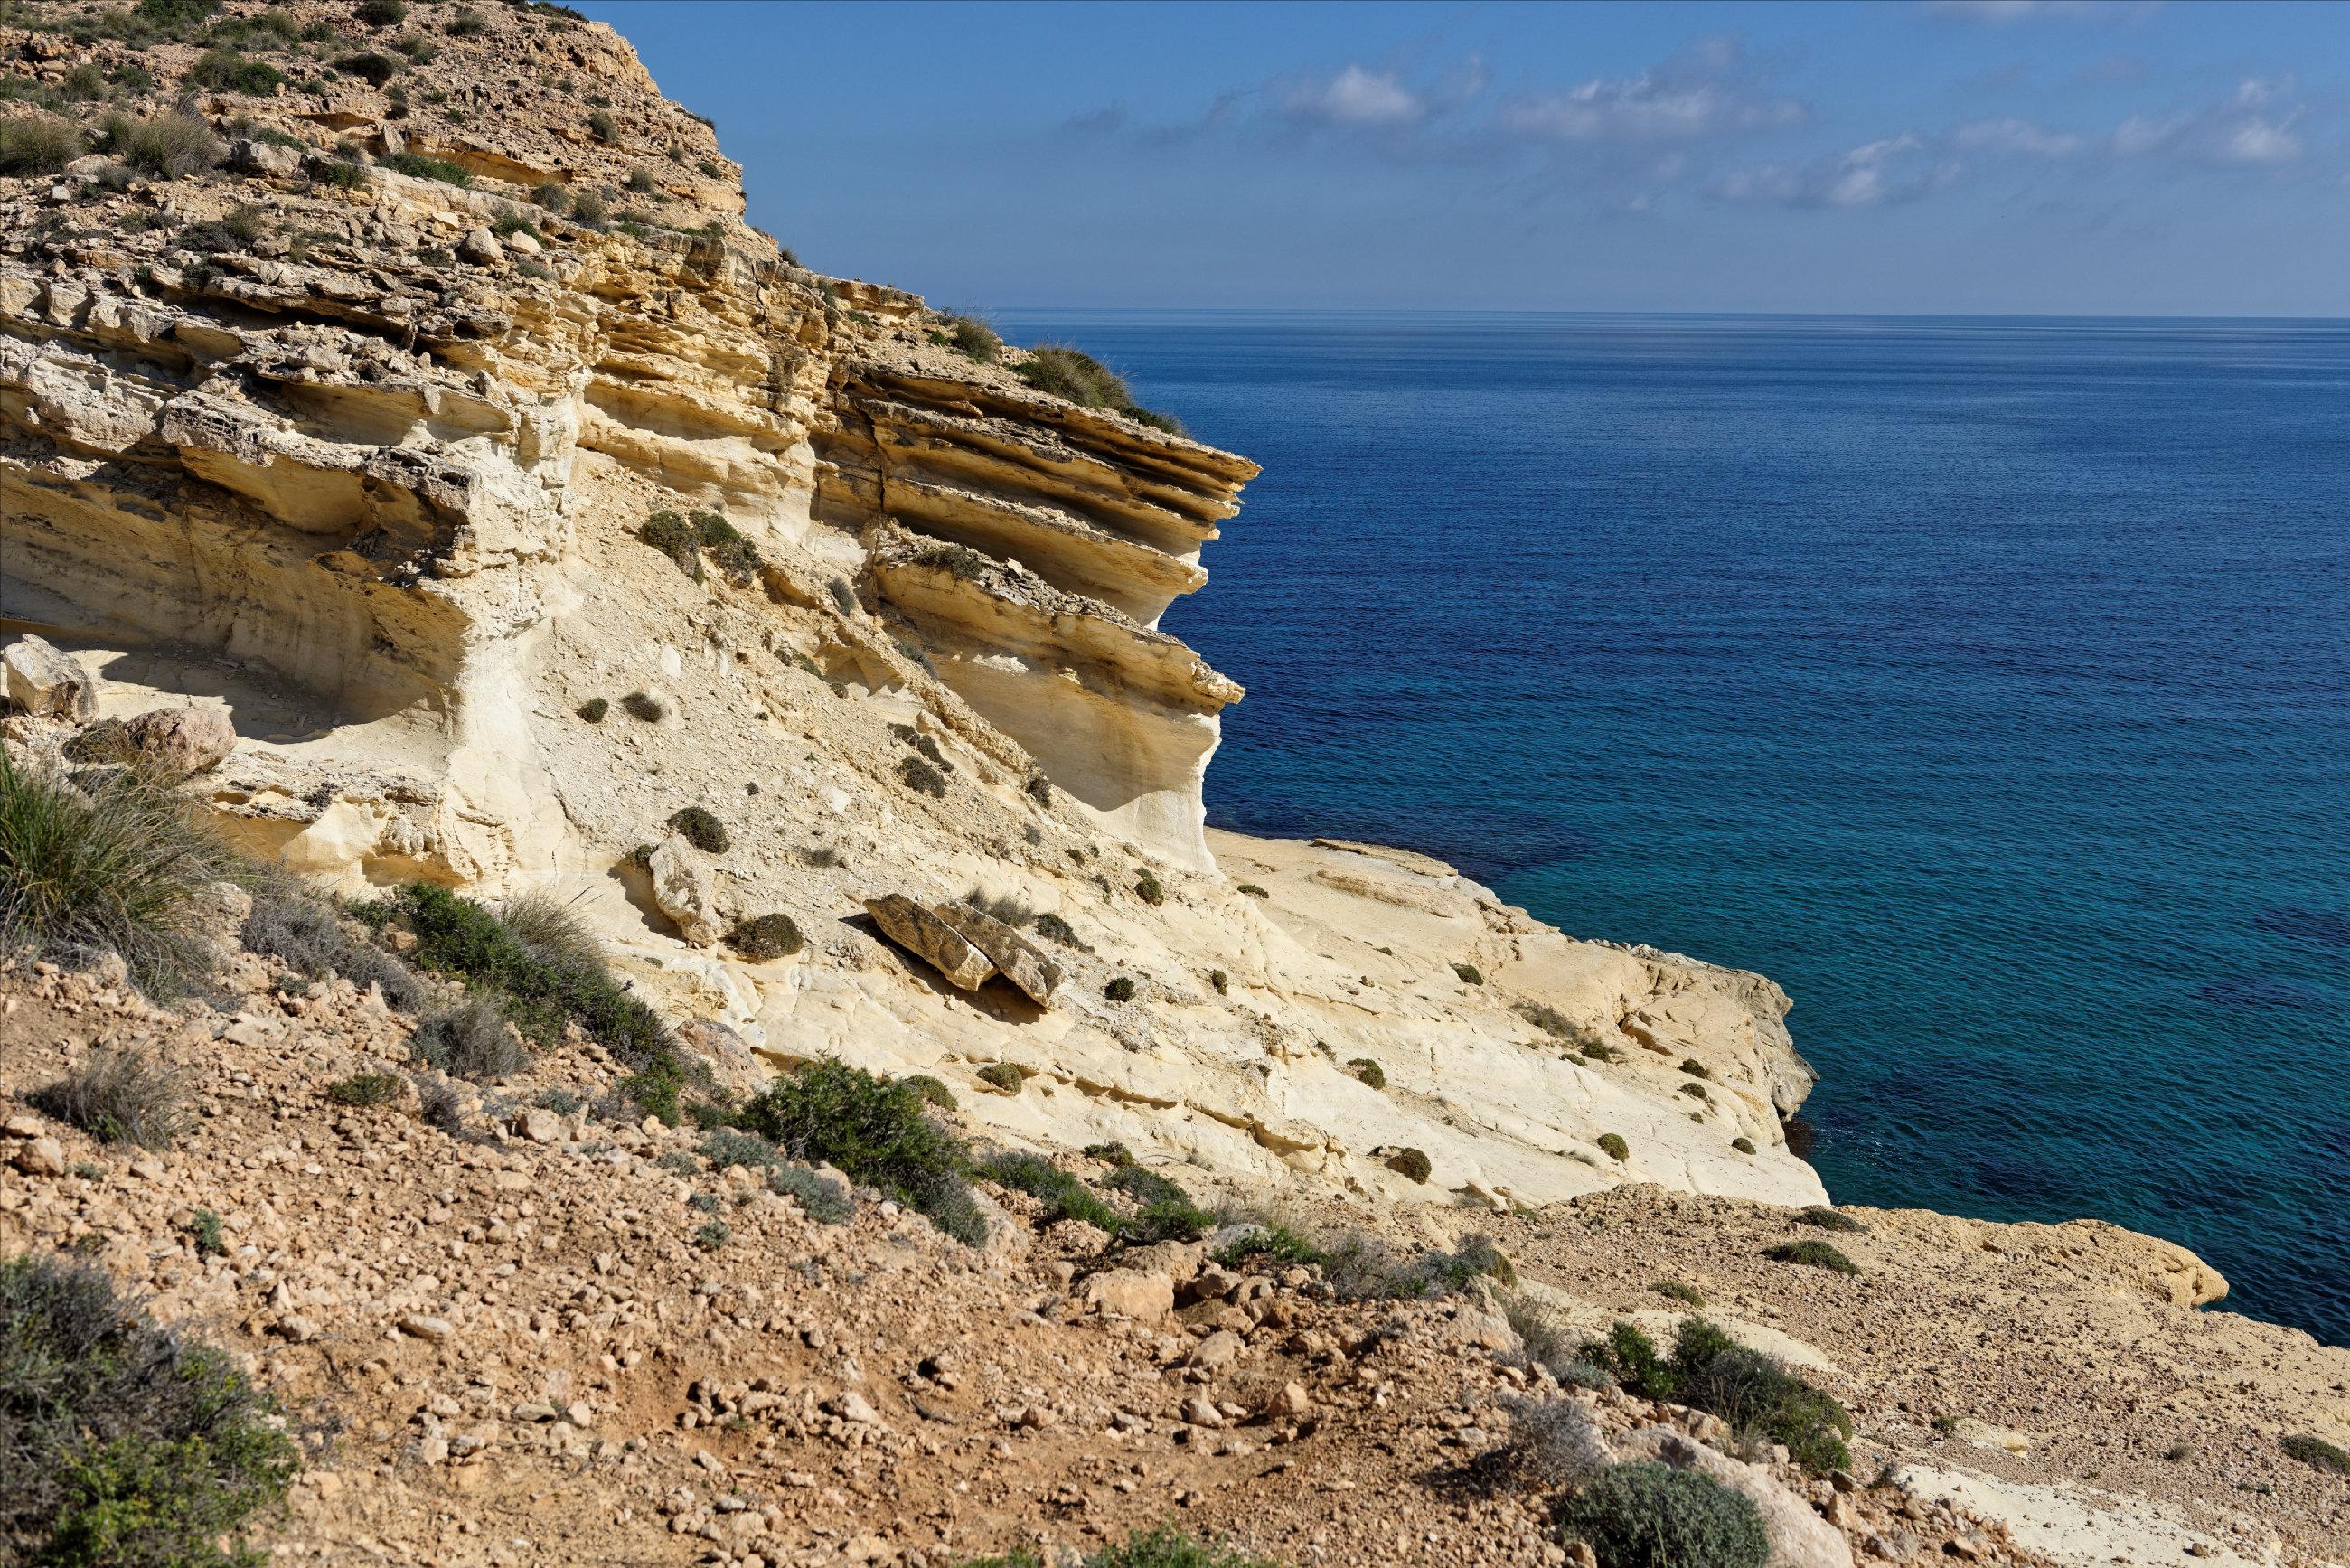 151106-Playa el Playazo (41)